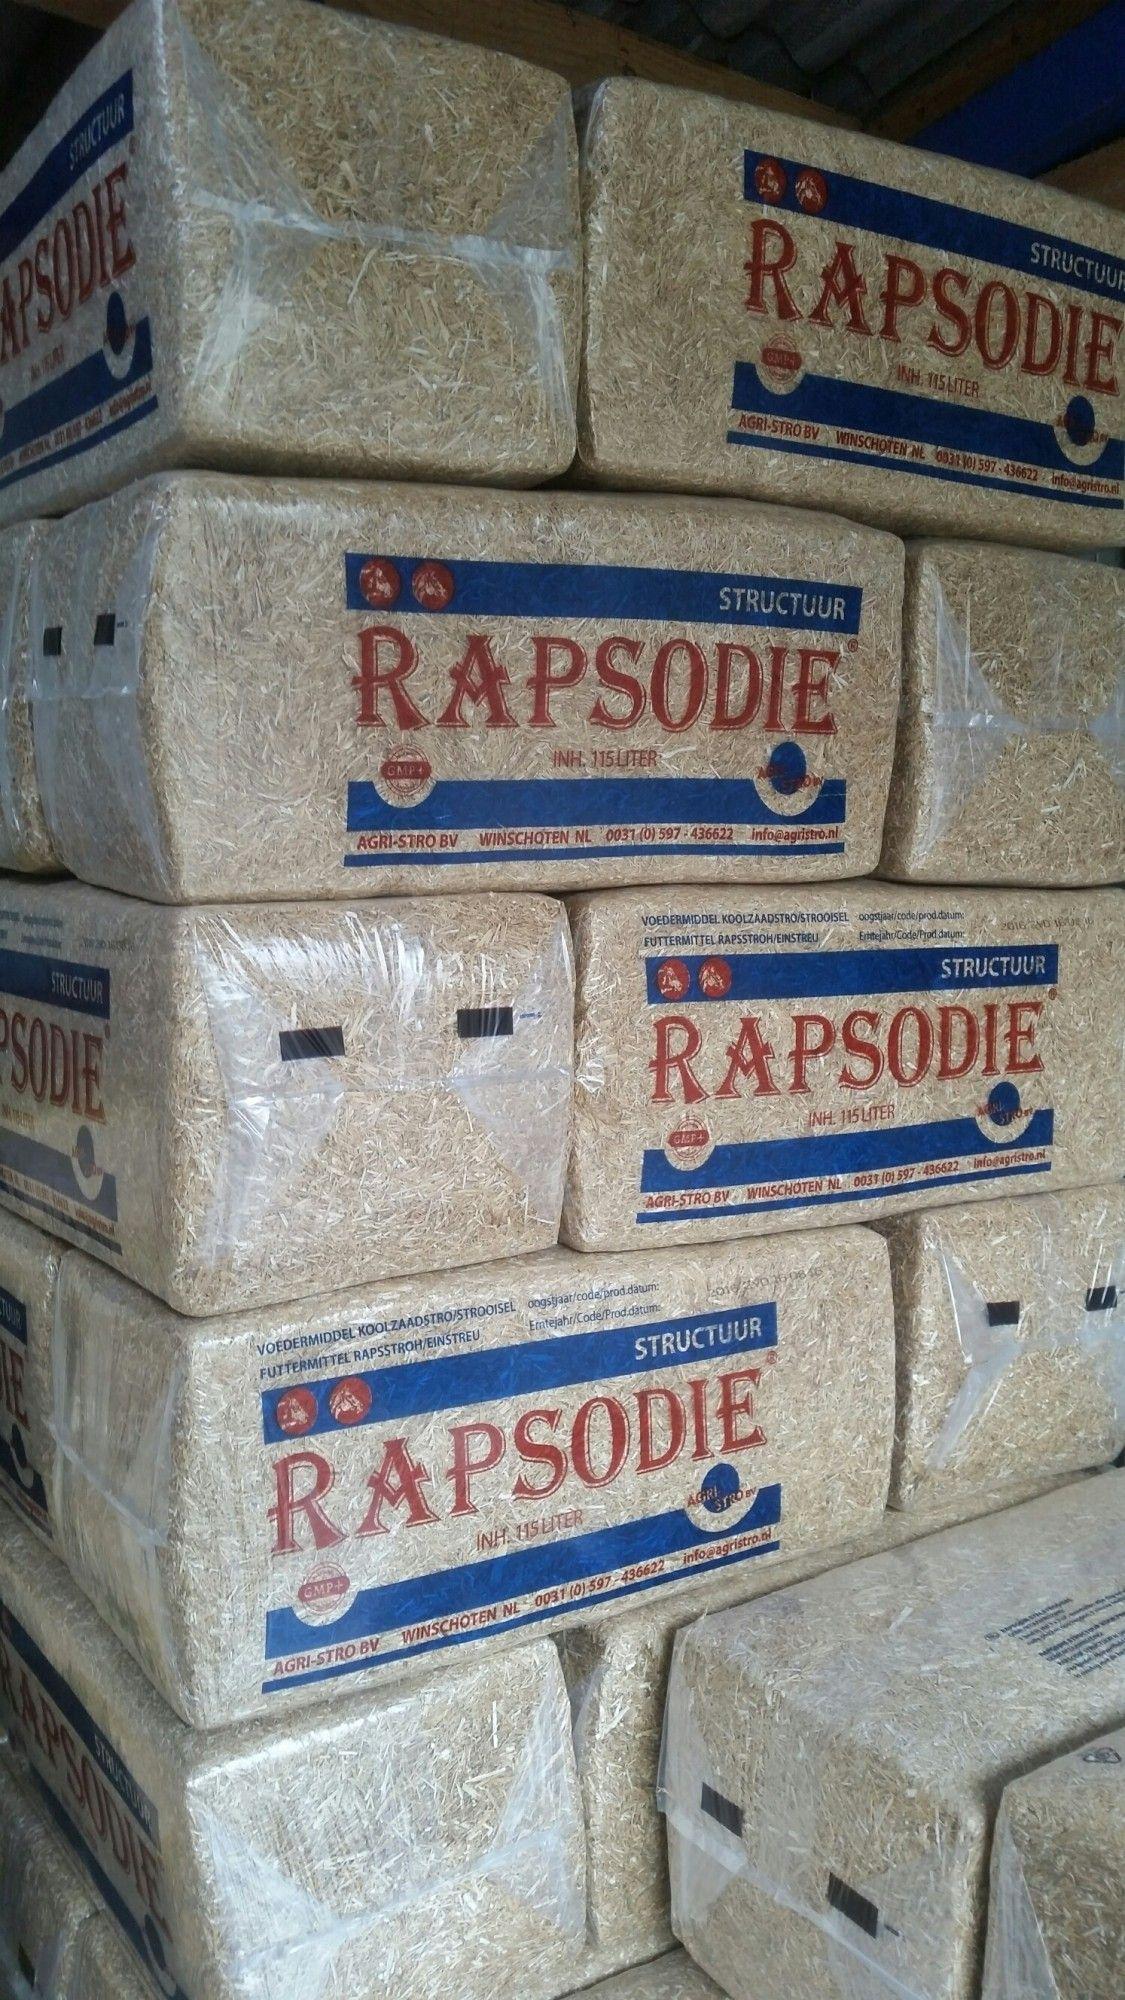 Rapsodie koolzaad strooisel 20kg 24 stuks ( €7.20/stuk)